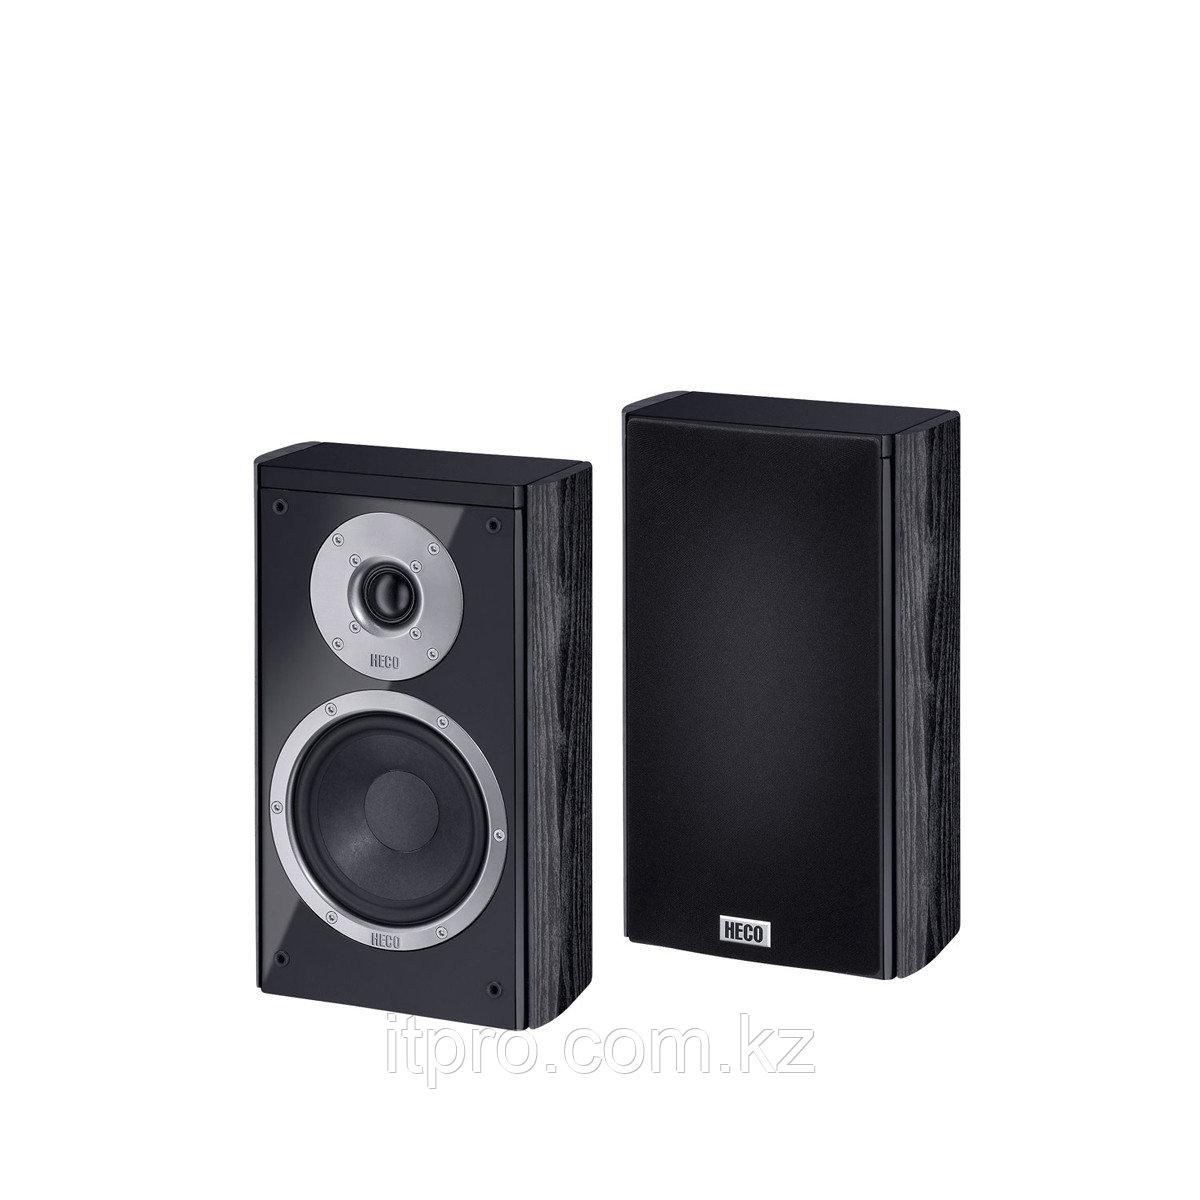 Полочный громкоговоритель HECO Music Style 200 F Black